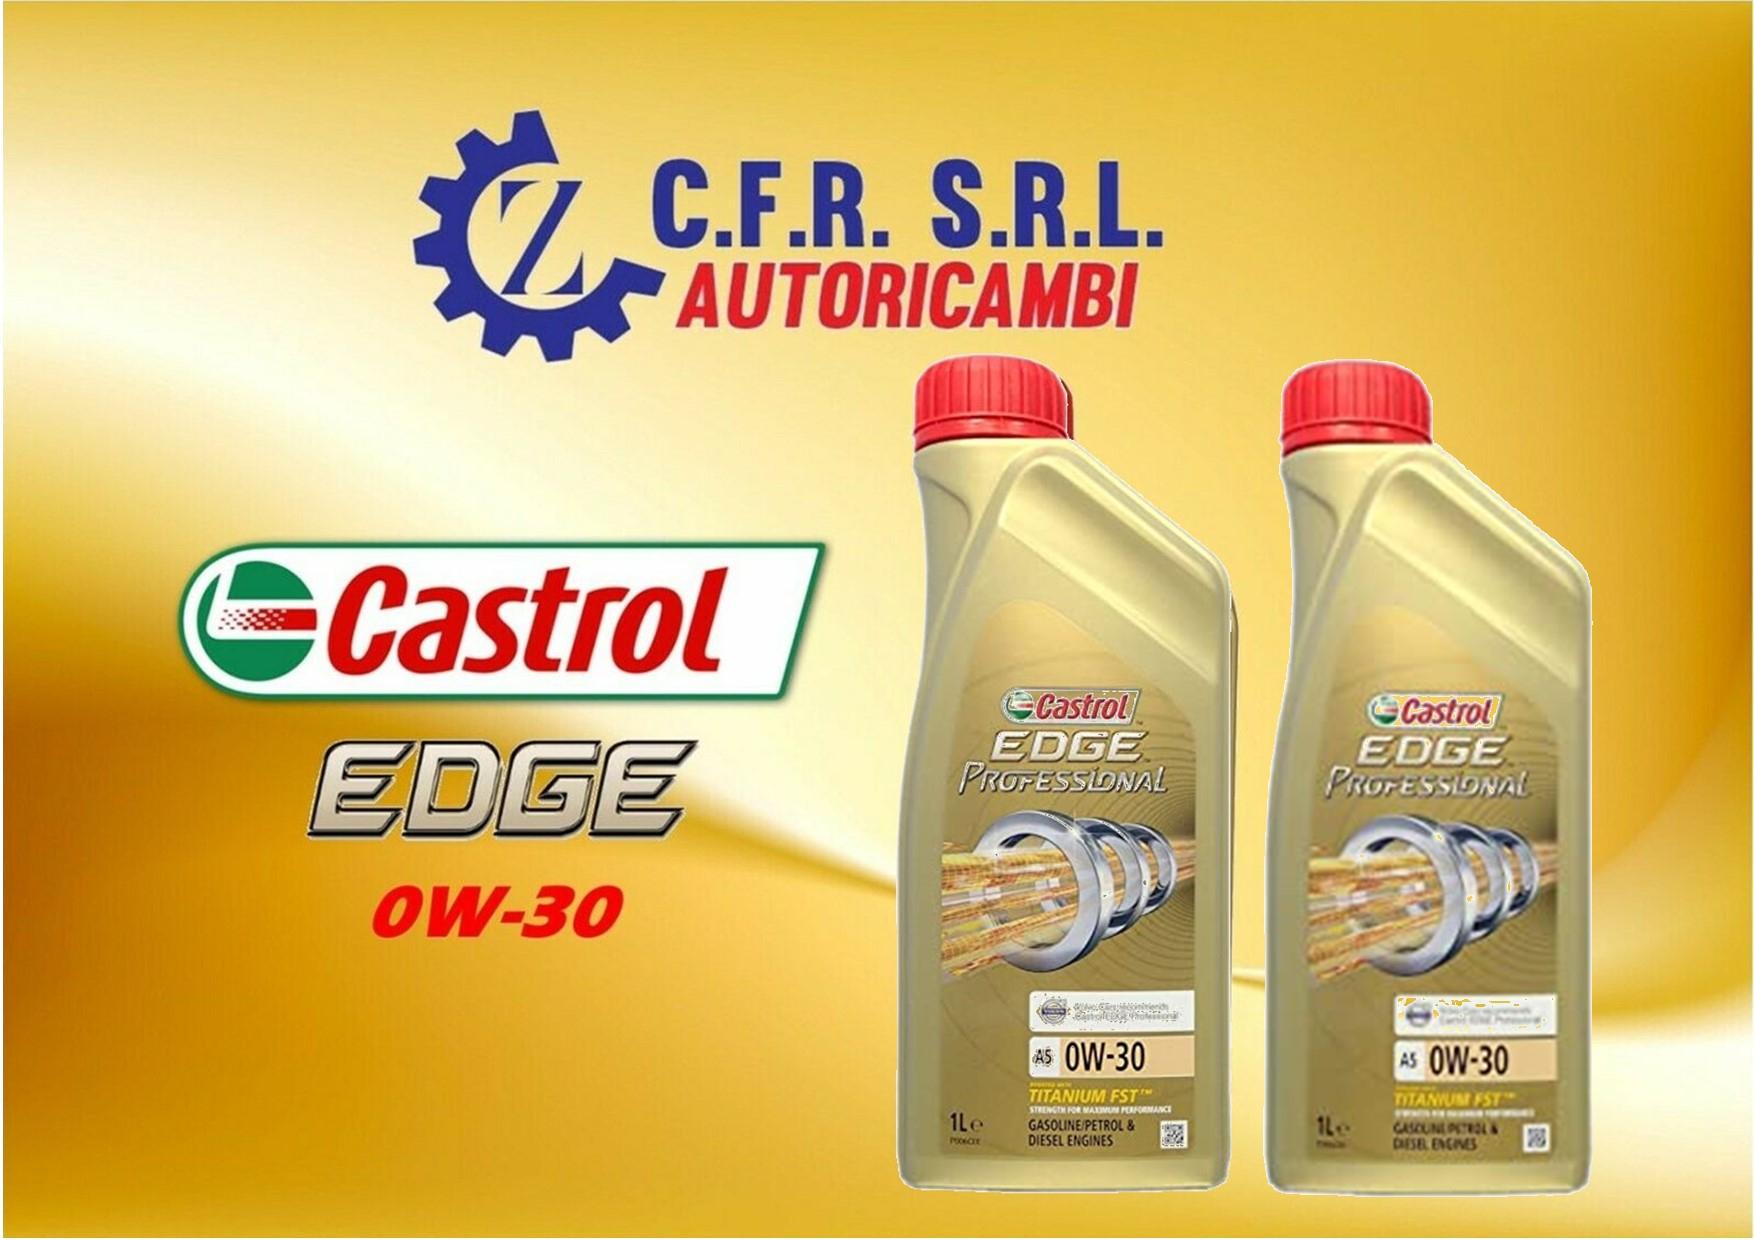 2PZ OLIO LUBRIFICANTE CASTROL EDGE 0W-30